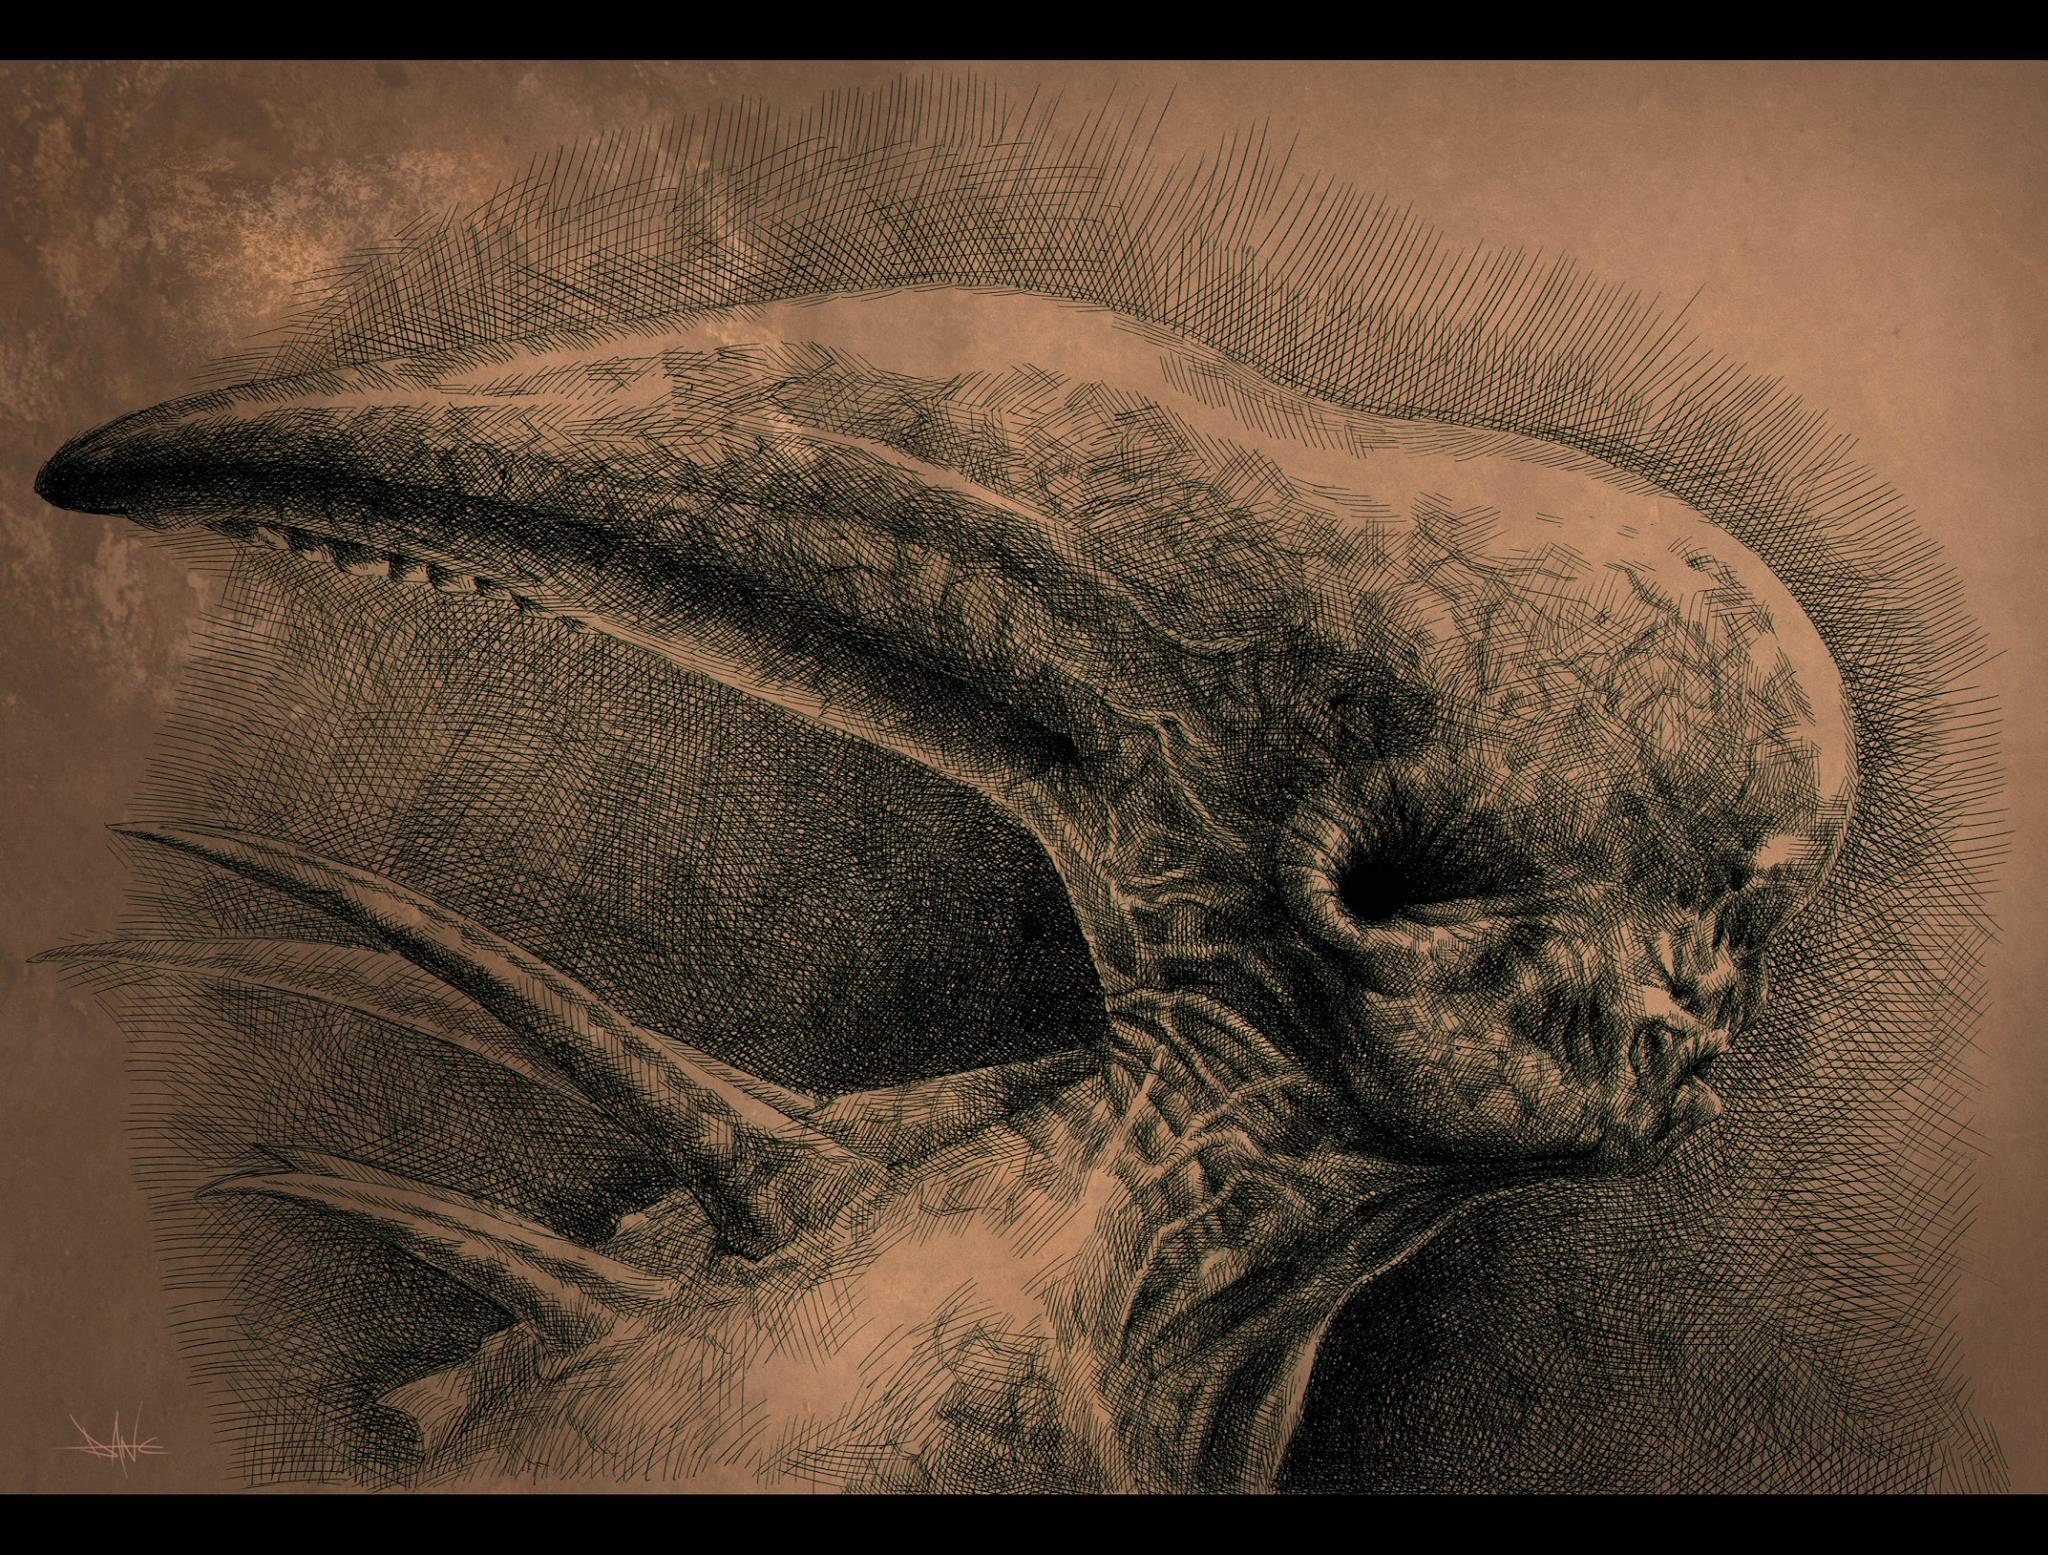 Dane Hallett & Matt Hatton Share Incredible Alien: Covenant Illustrations